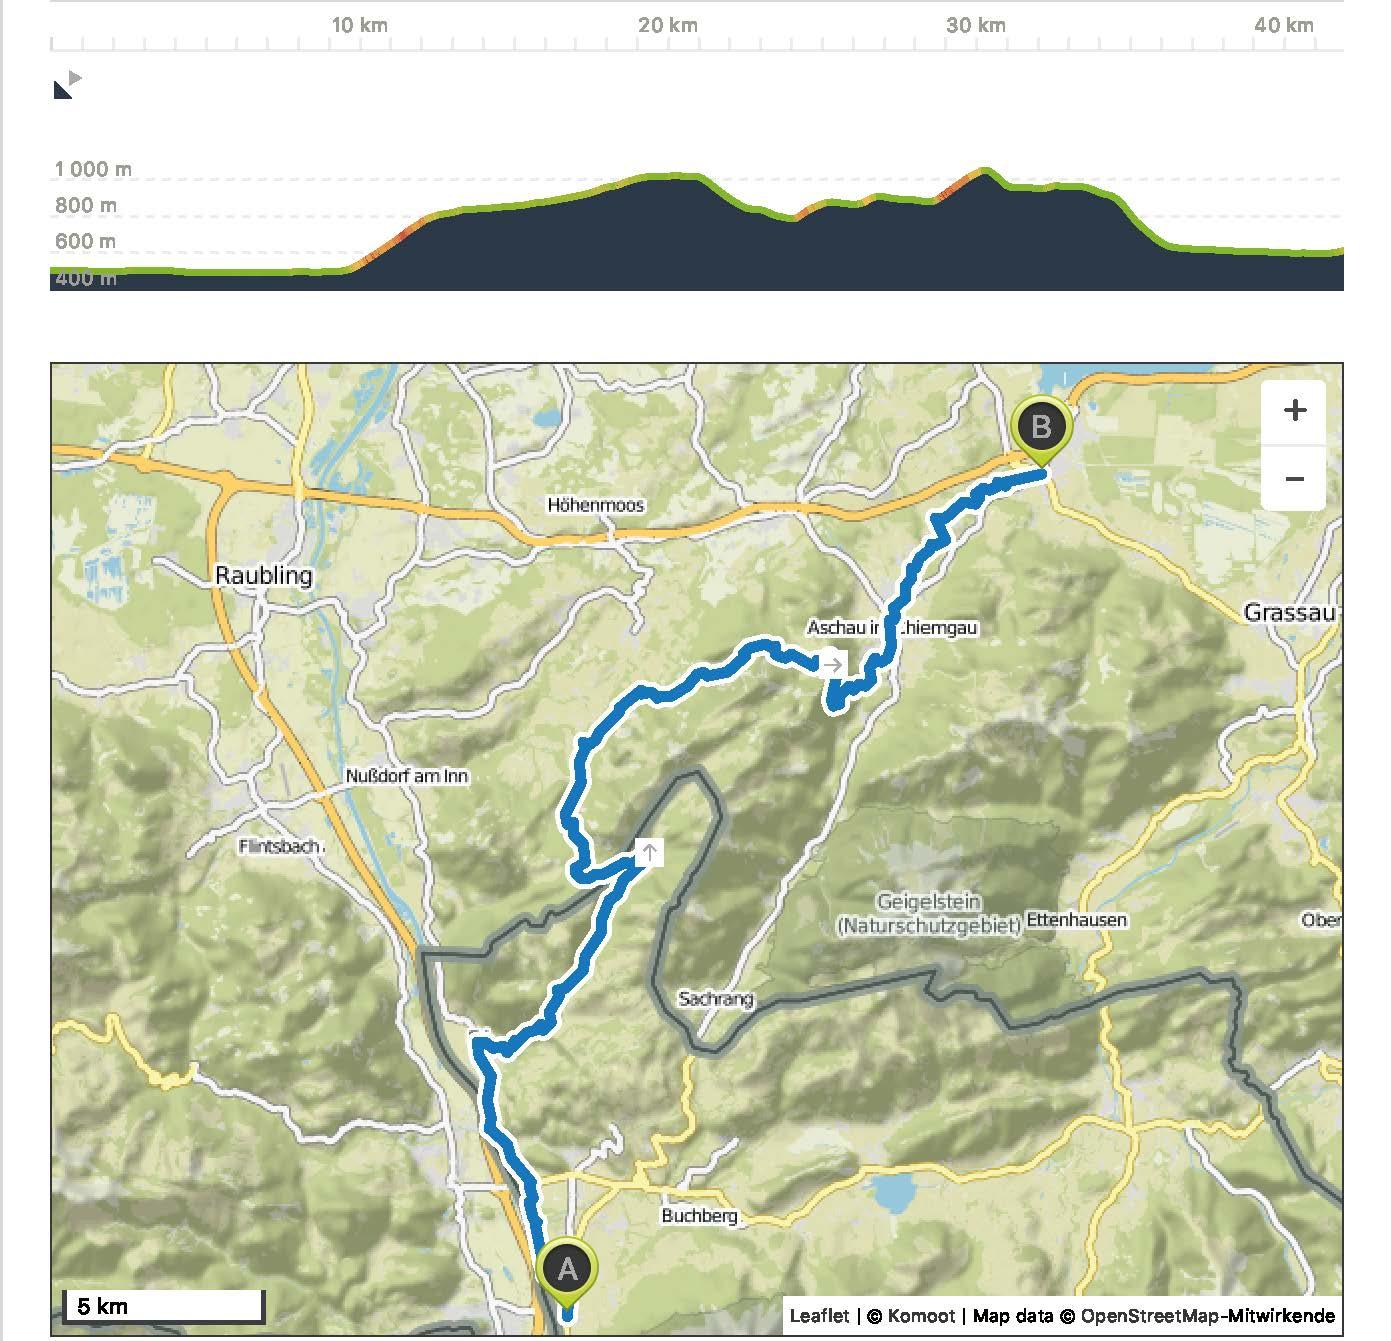 FC6-46-1149-1149 _ Mountainbike-Tour _ Komoot